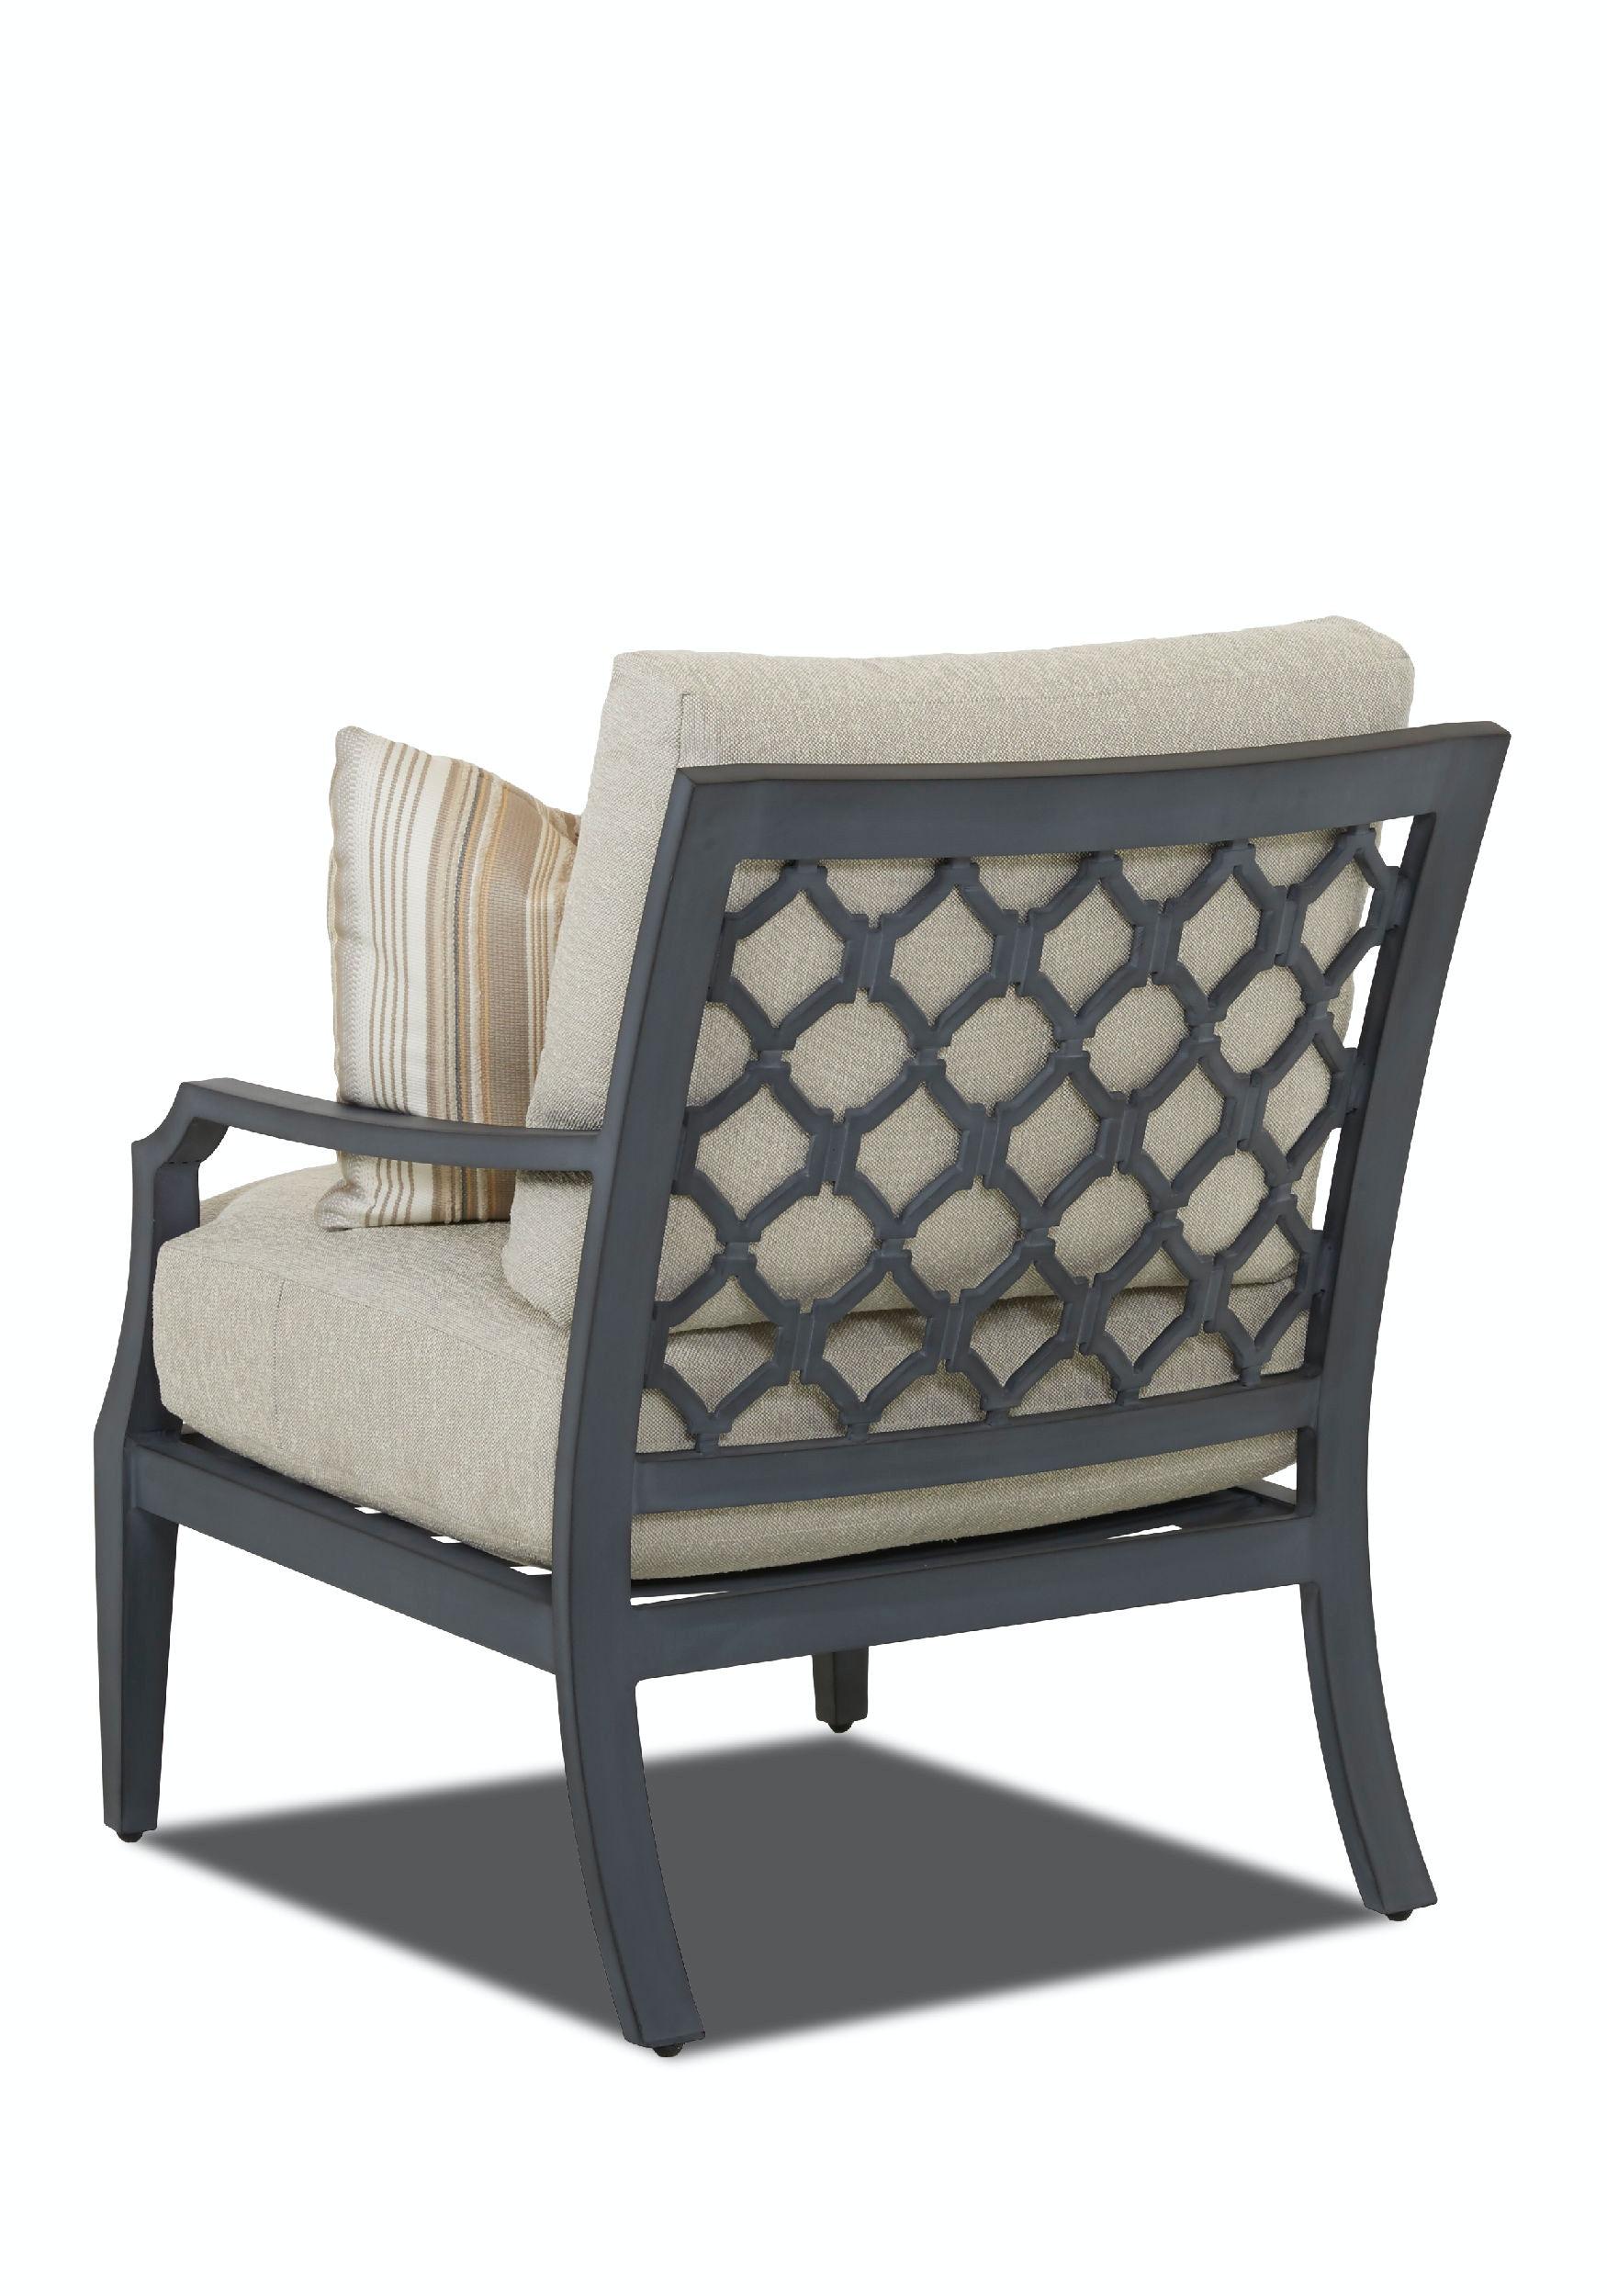 Klaussner Outdoor Outdoor Patio Mirage Chair W2100 C